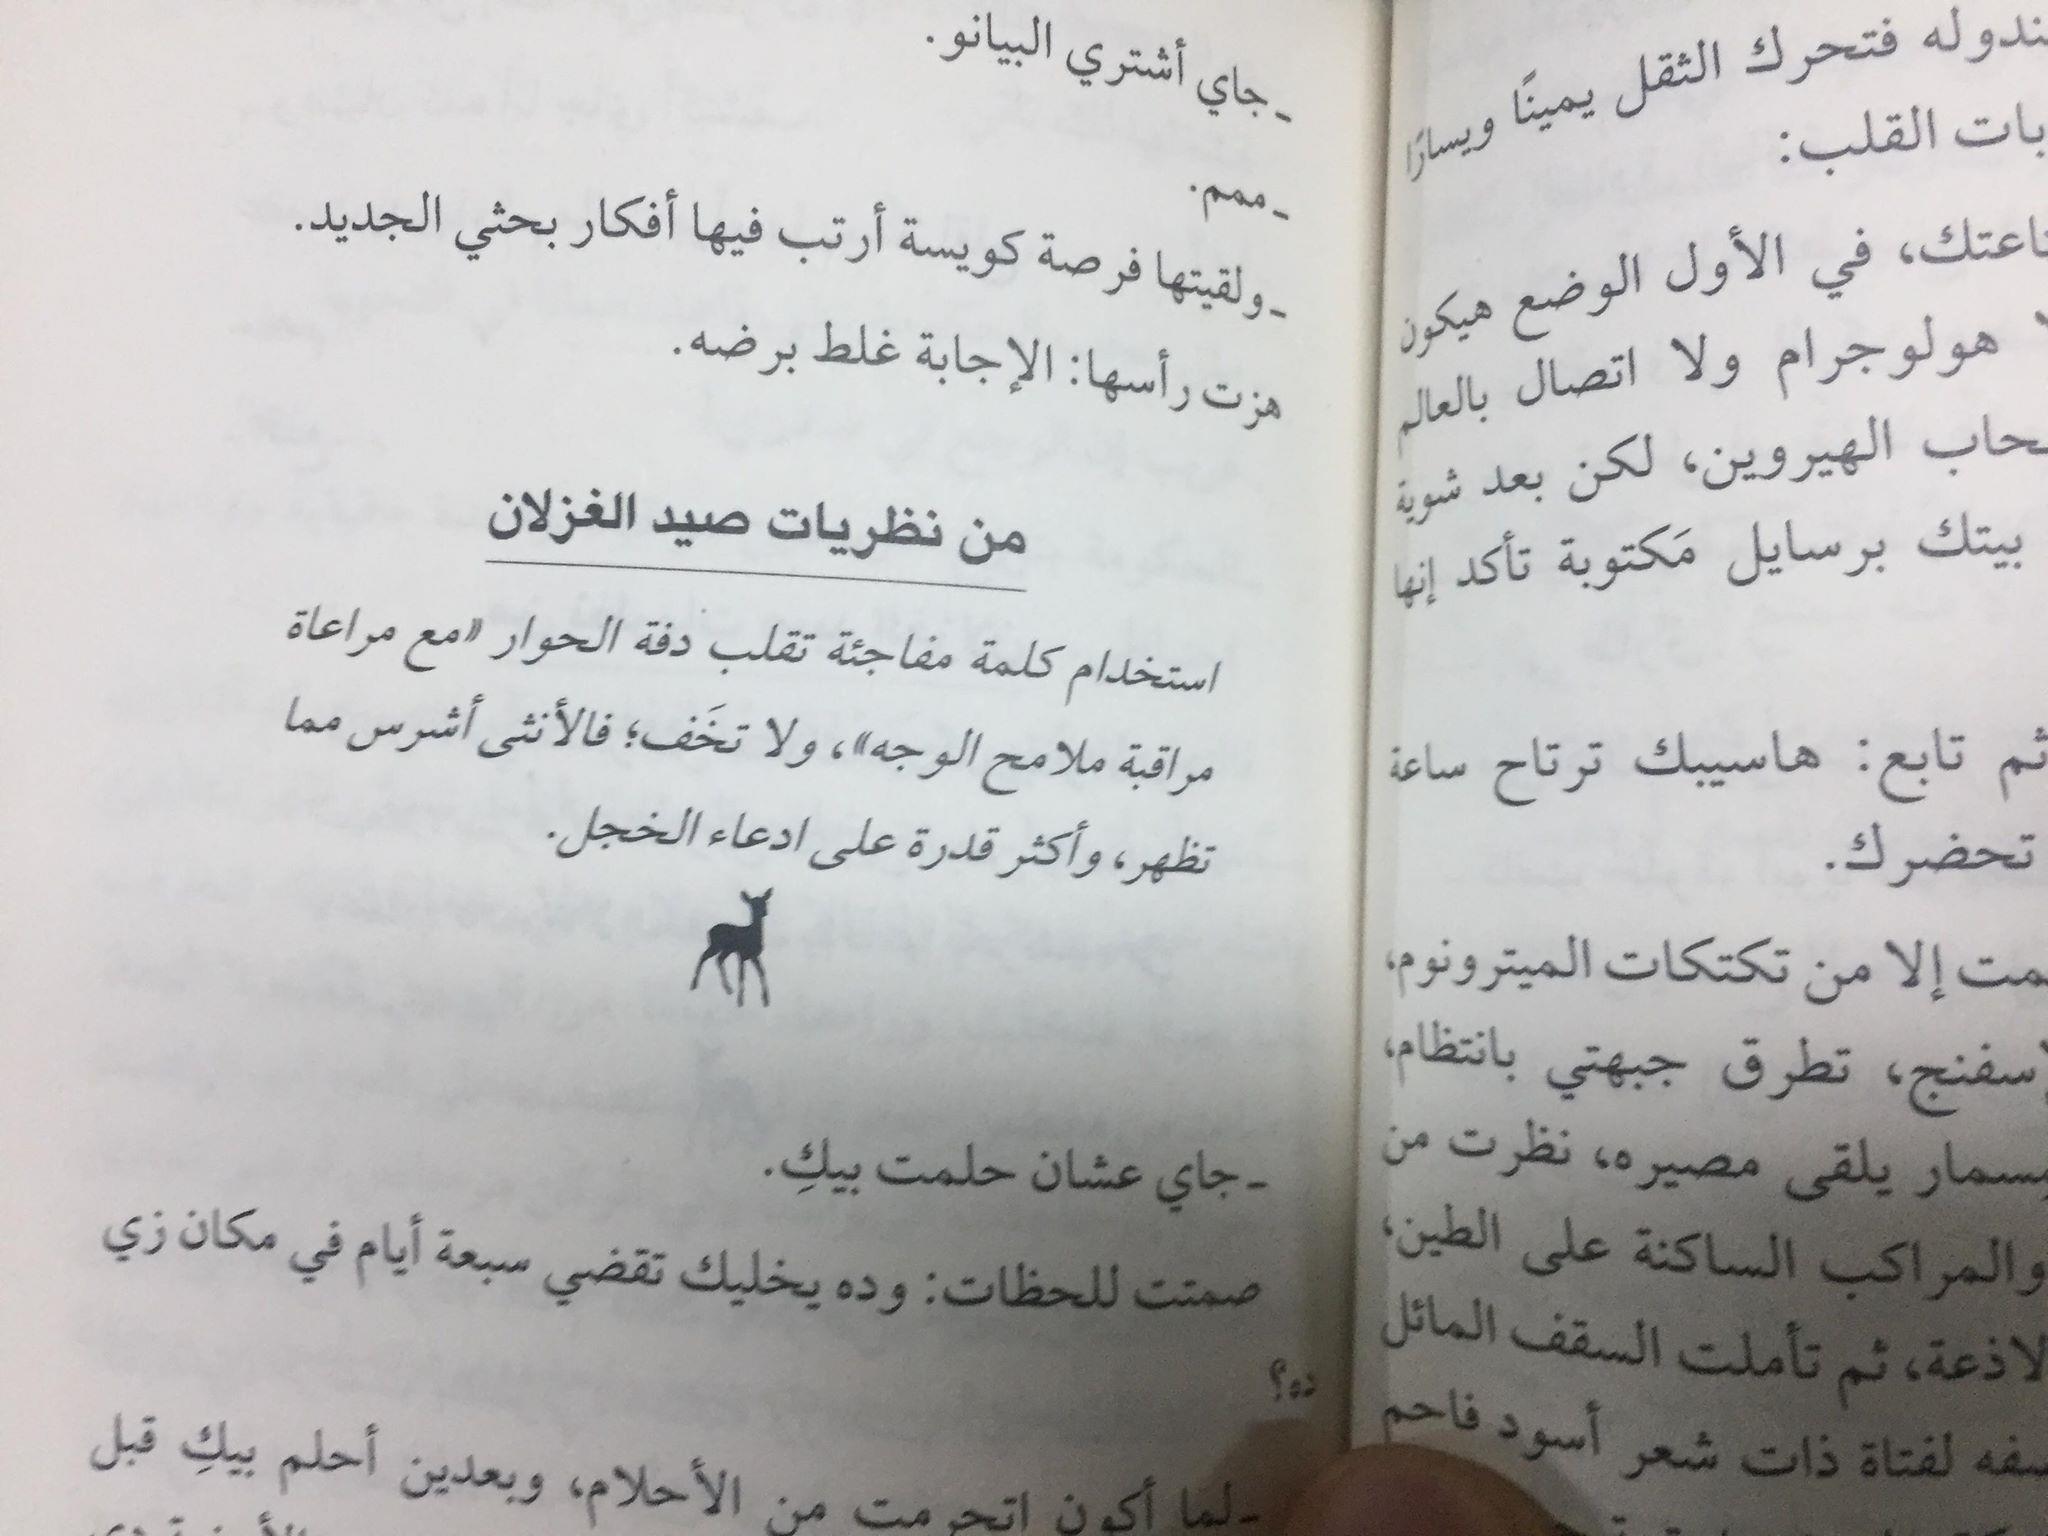 من نظريات صيد الغزلان - رواية موسم صيد الغزلان